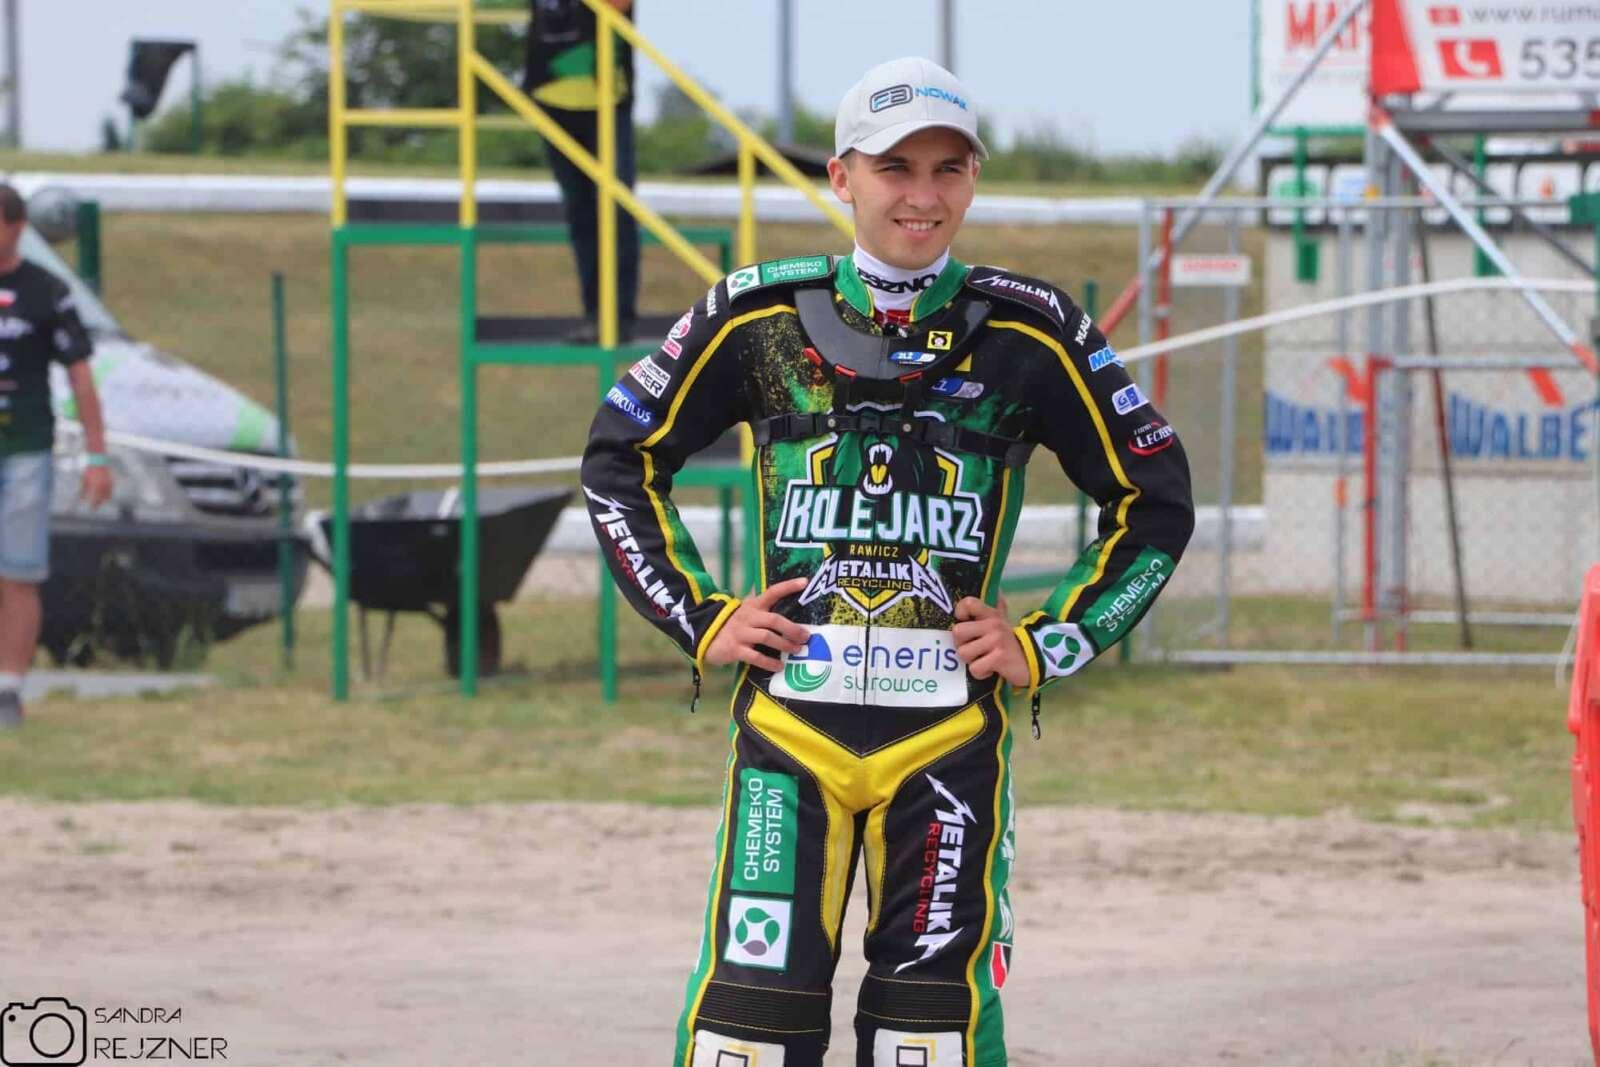 Szymon Szlauderbach